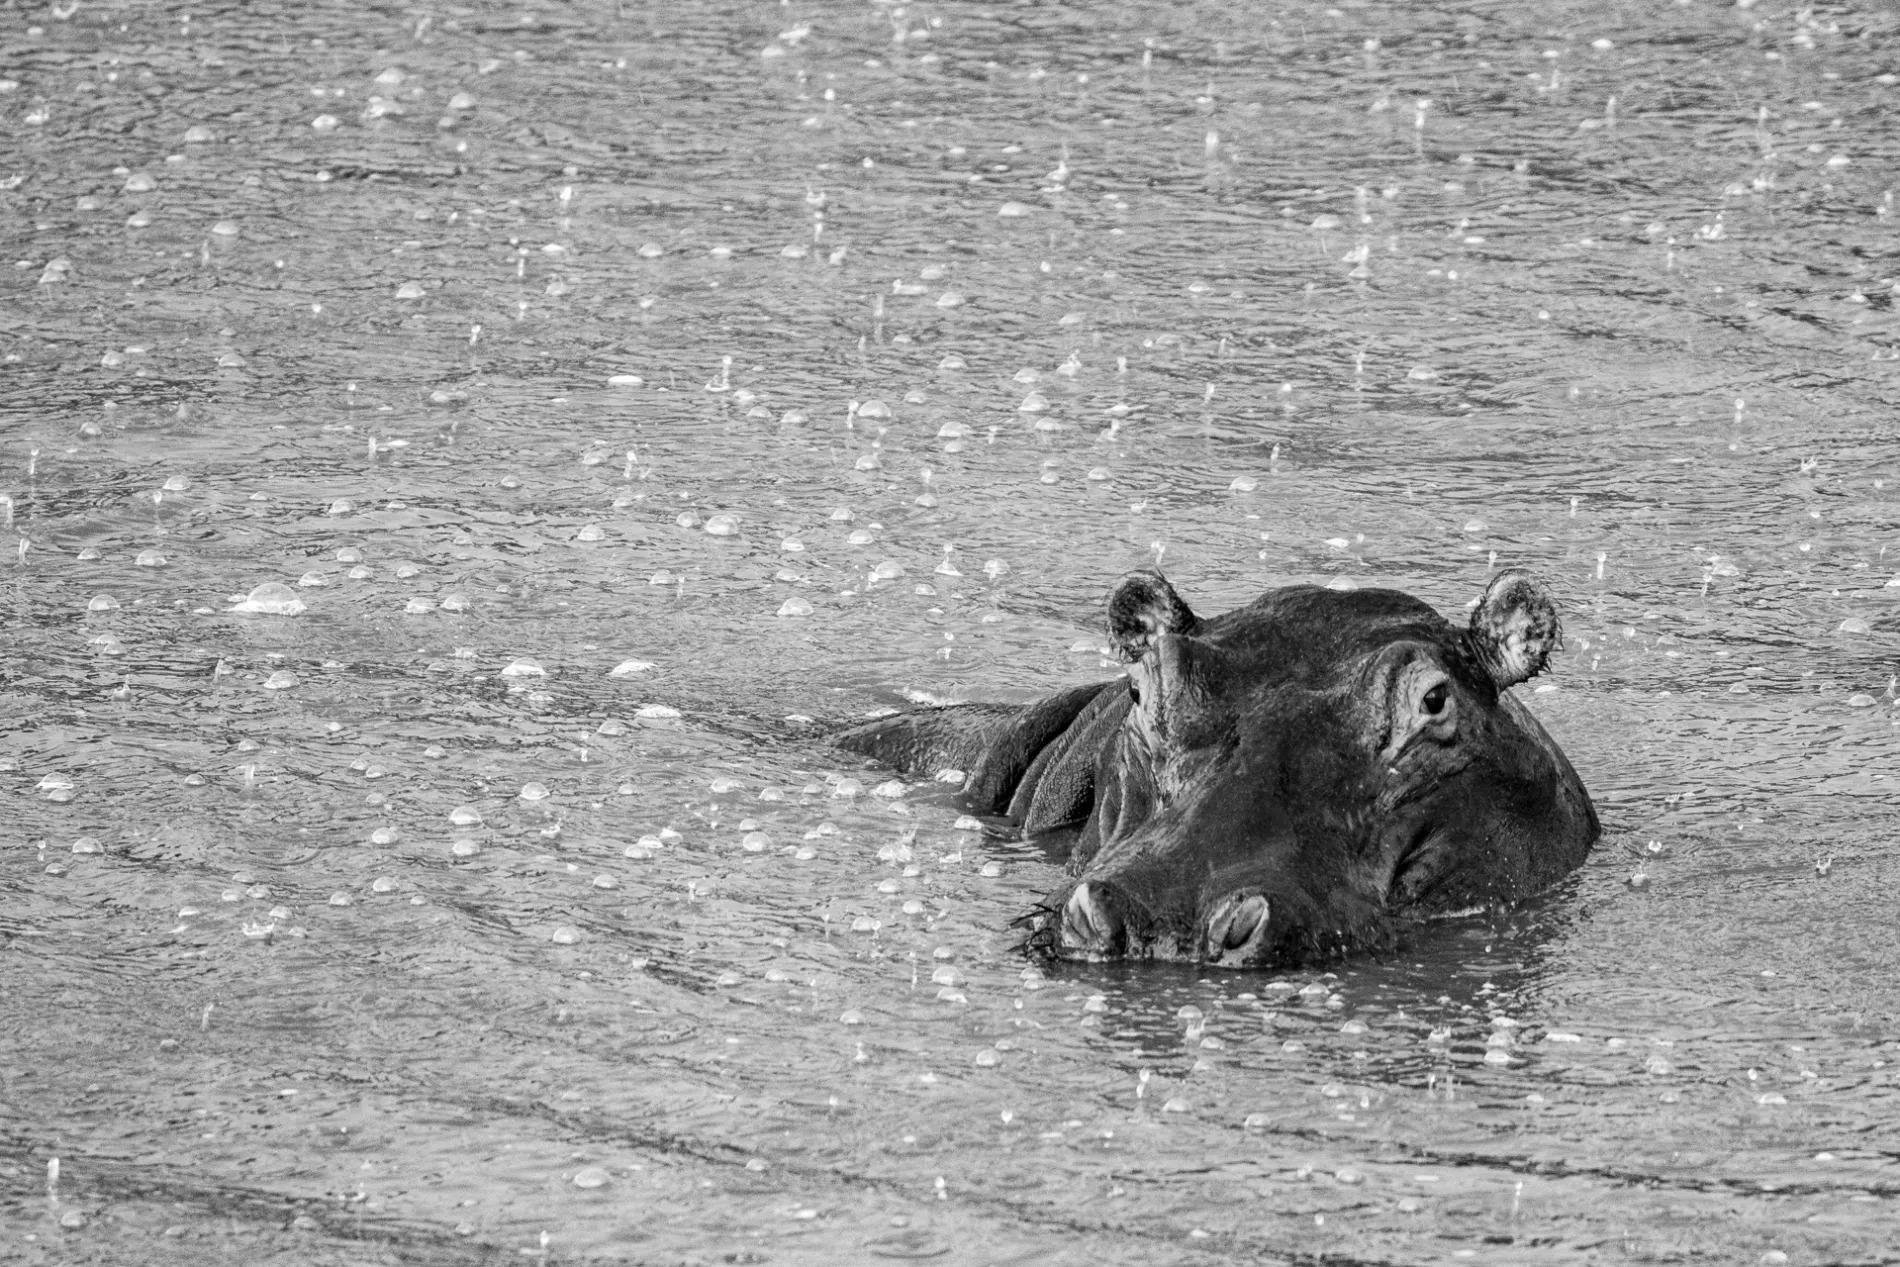 HIPPO IN THE RAIN